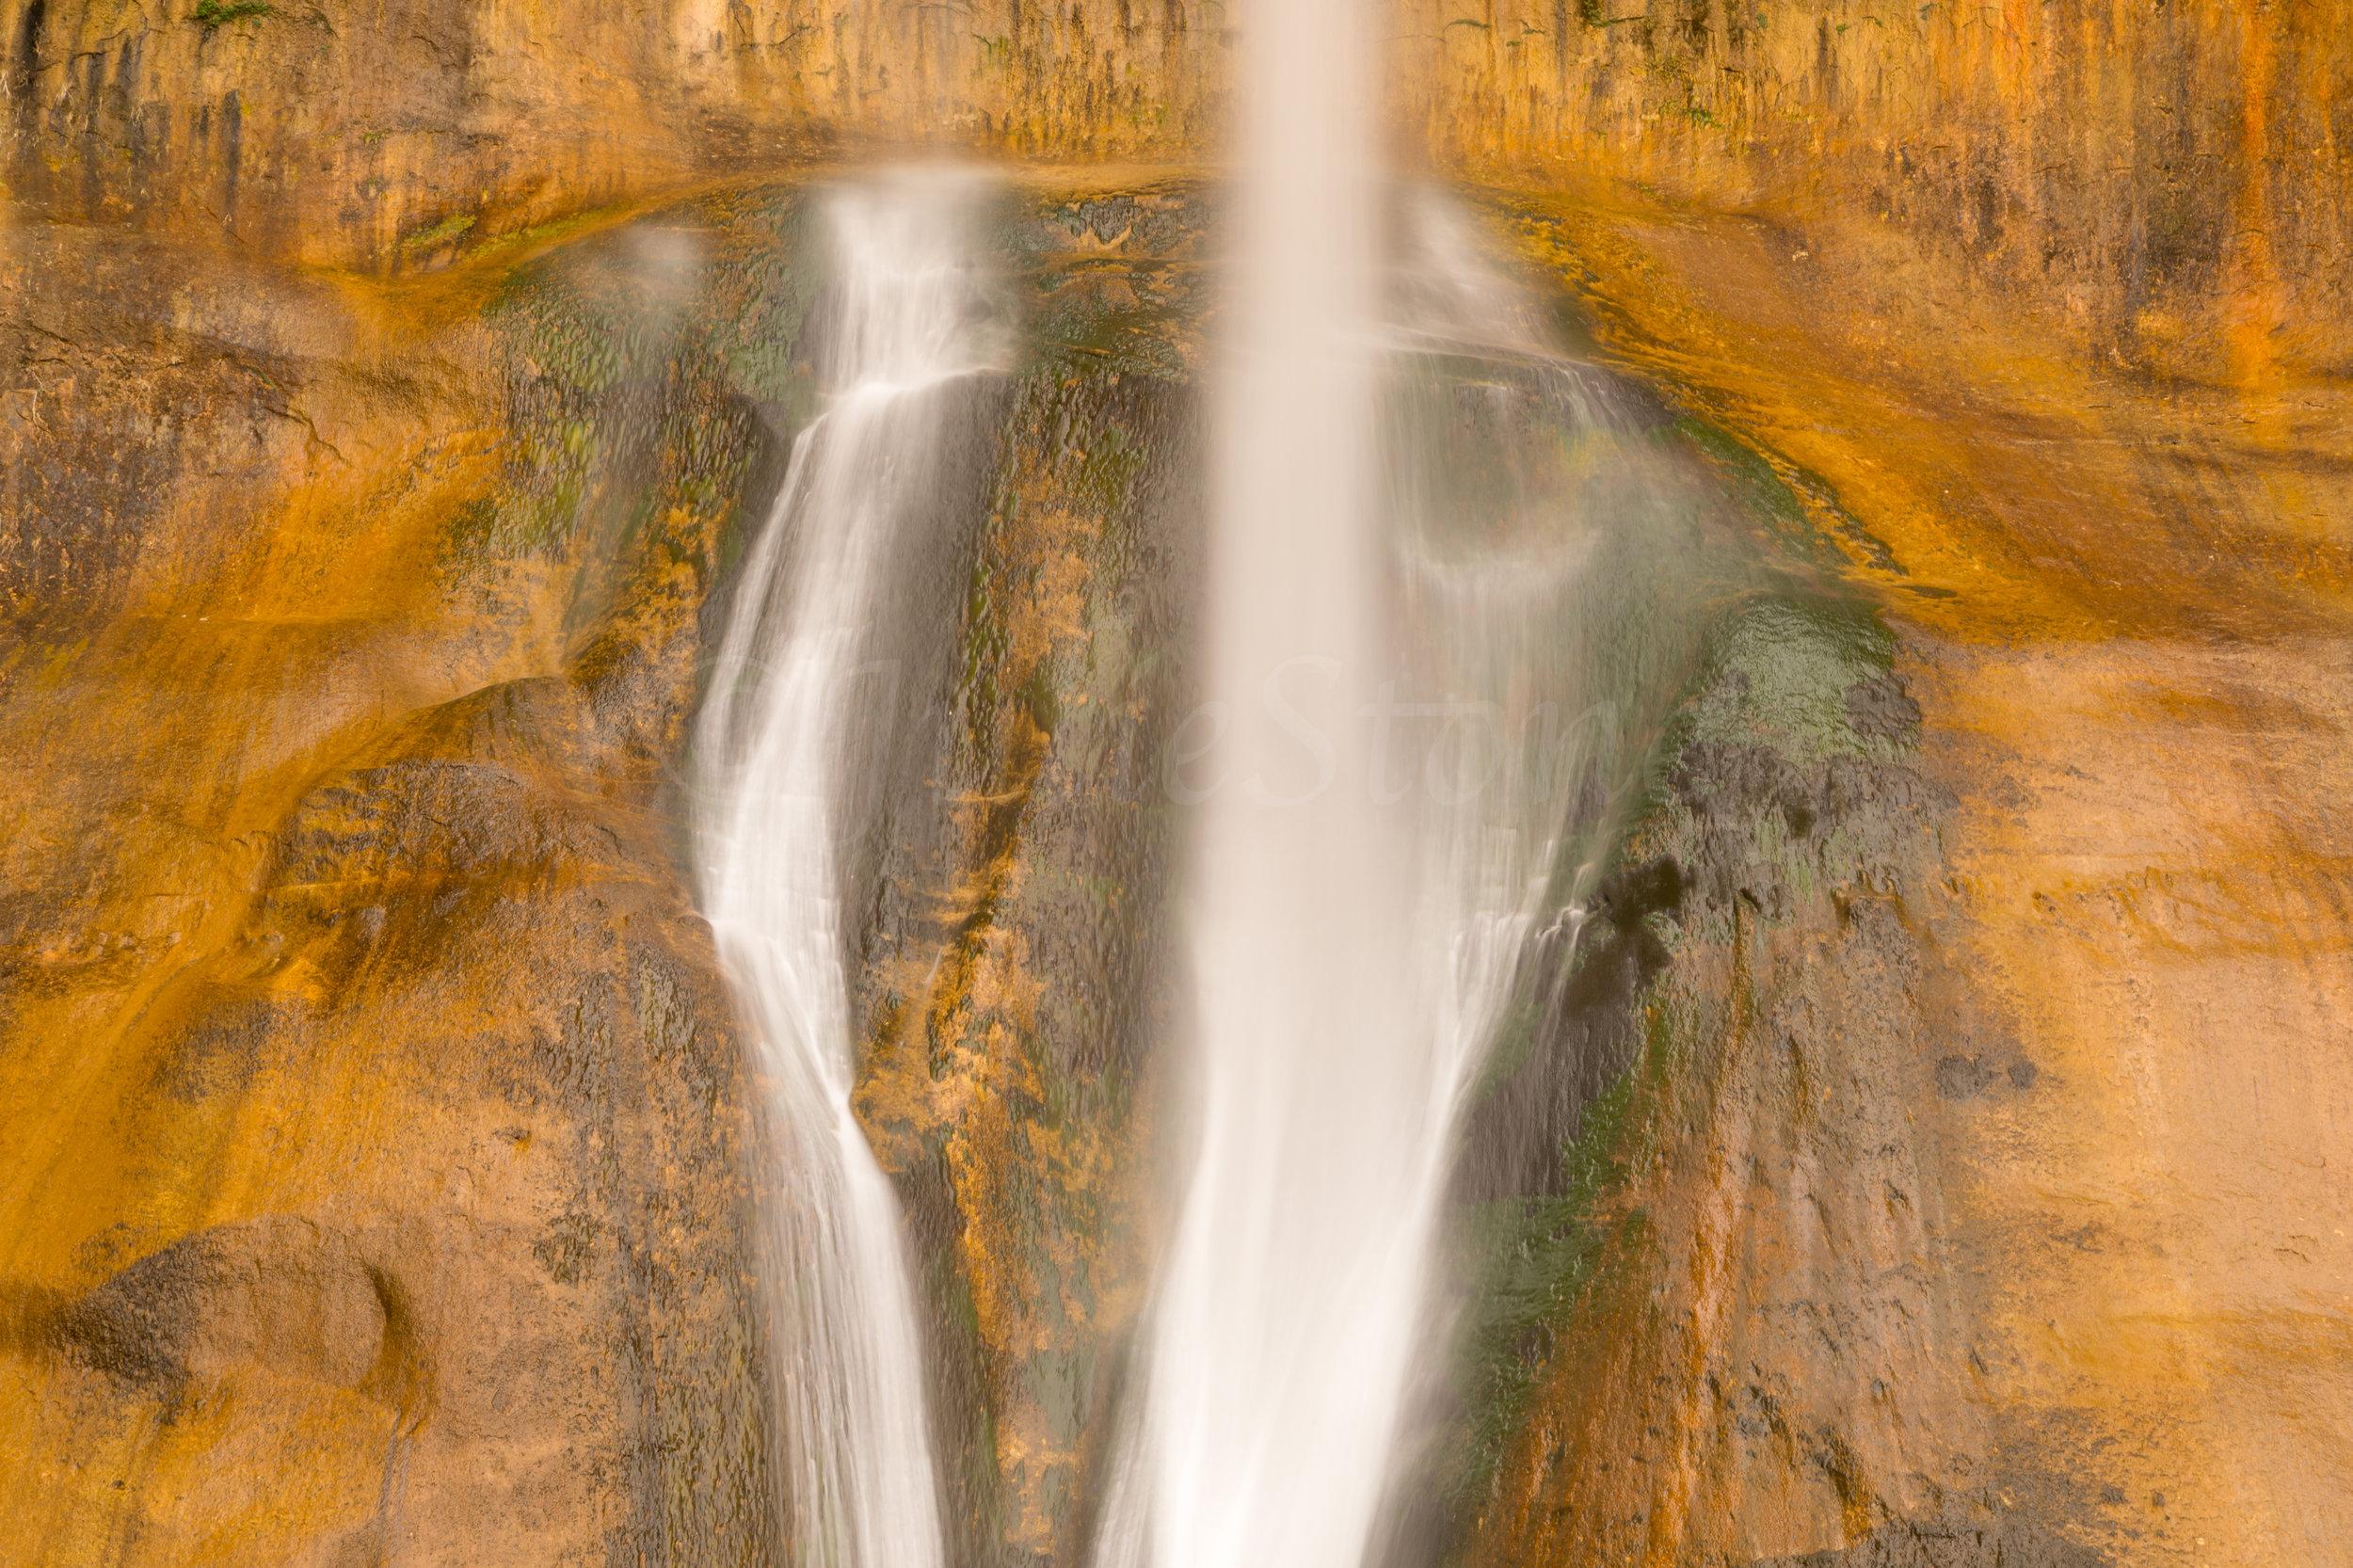 Lower Calf Creek Falls, Image # 3670